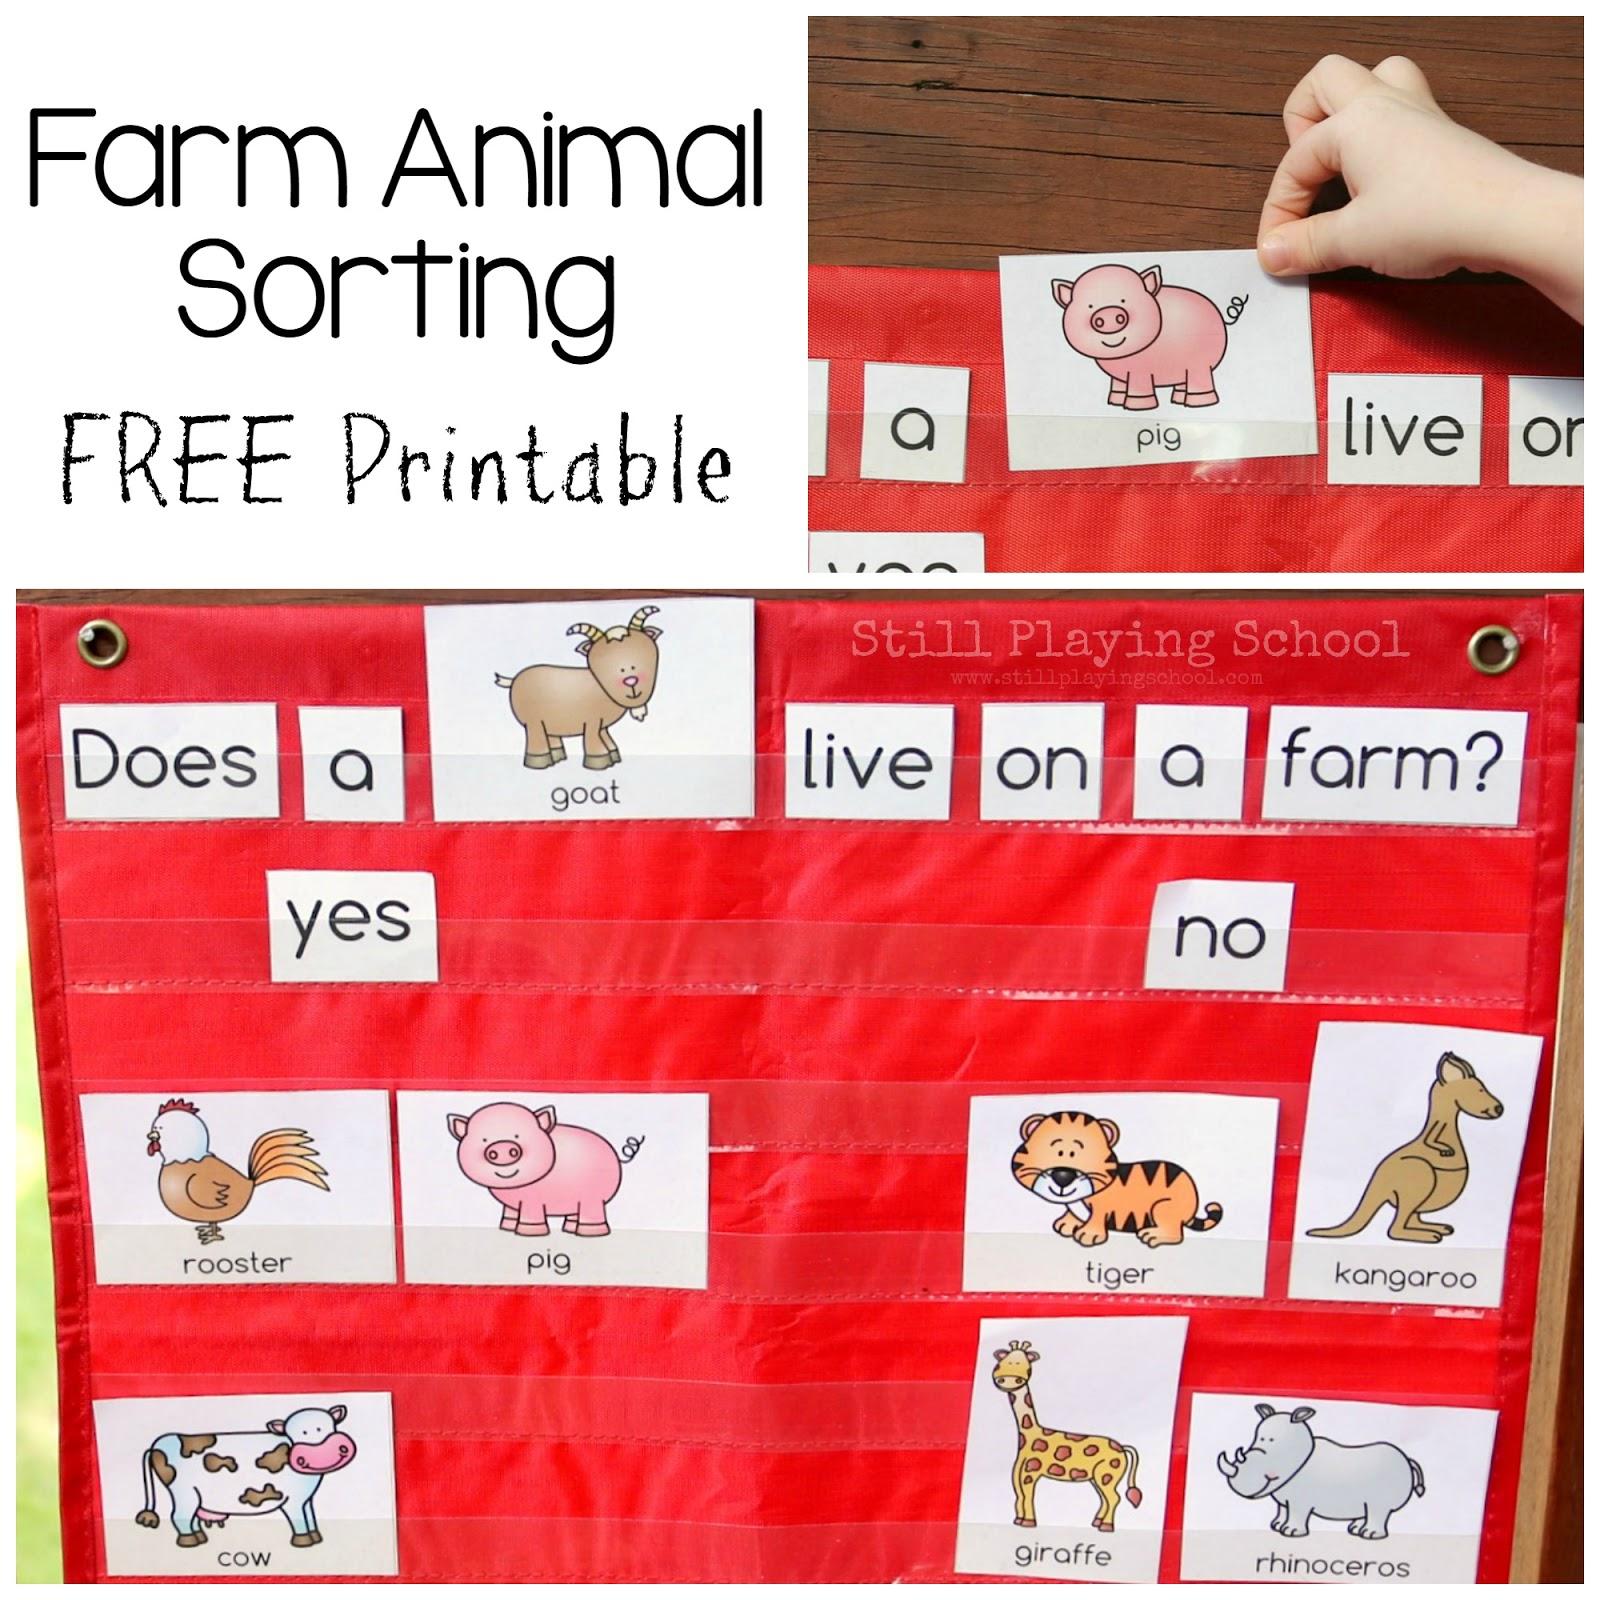 Farm Animal Sorting